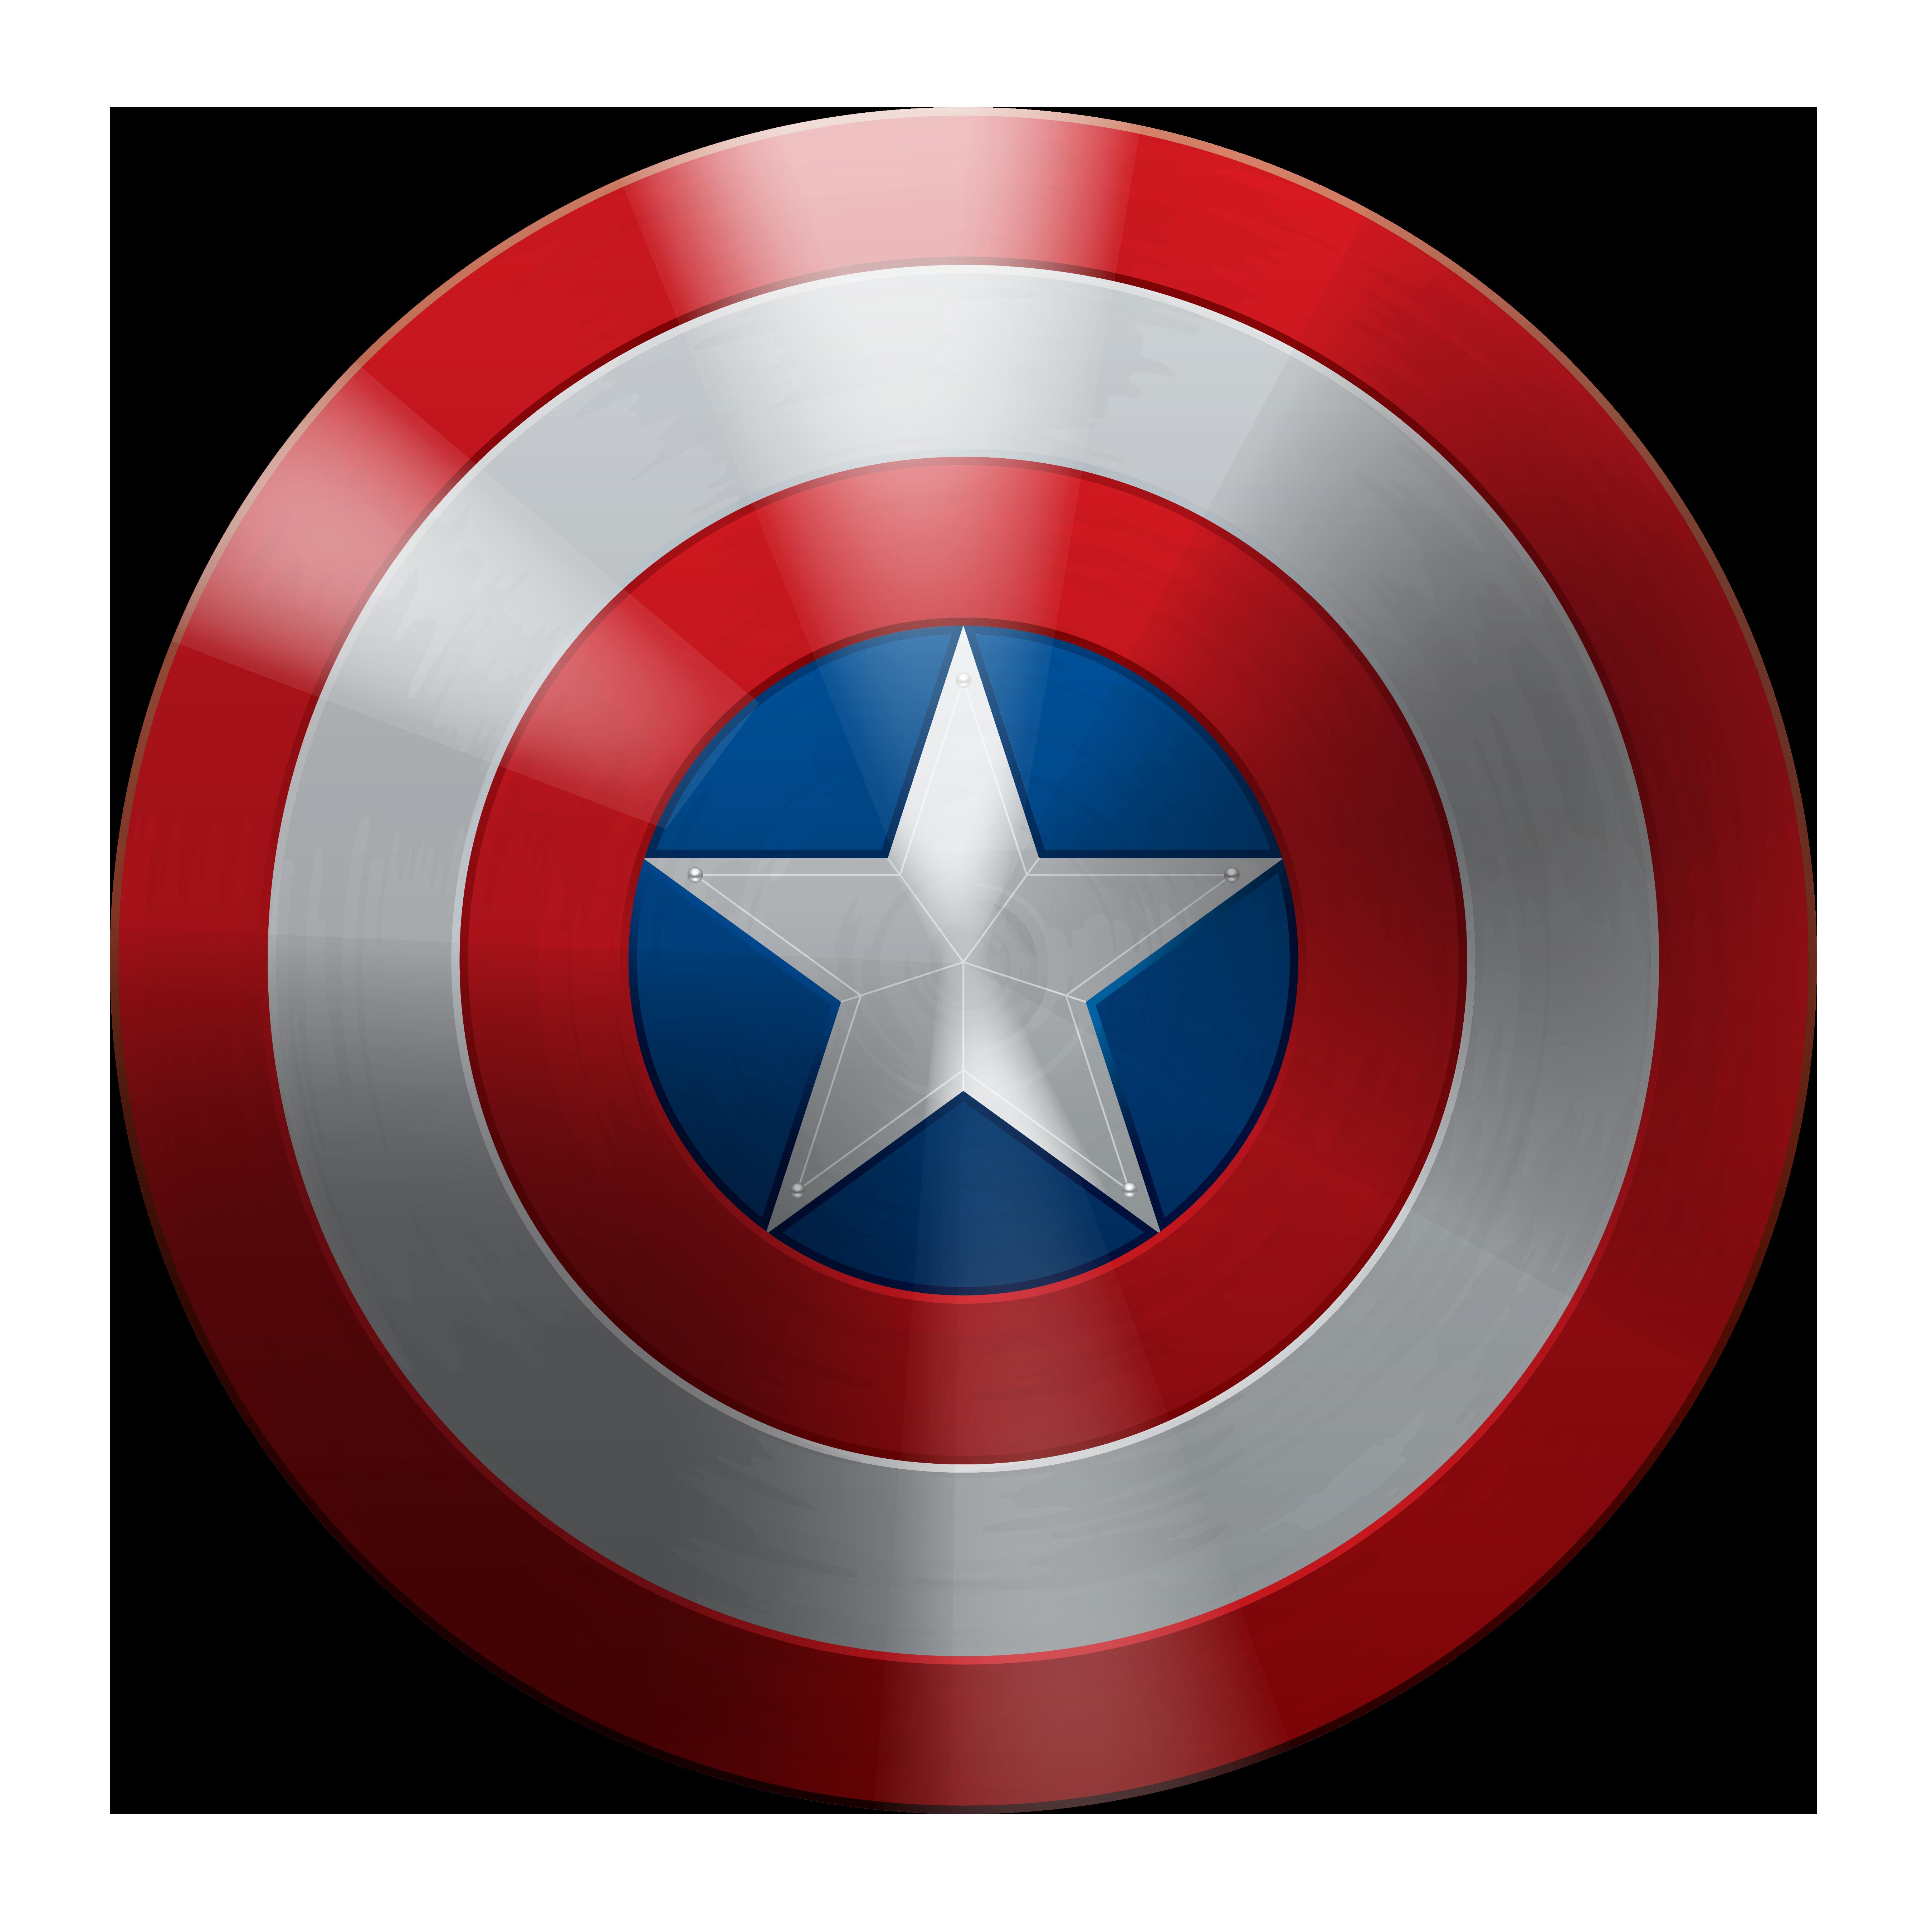 Captain America Shield By Seehawk On Deviantart